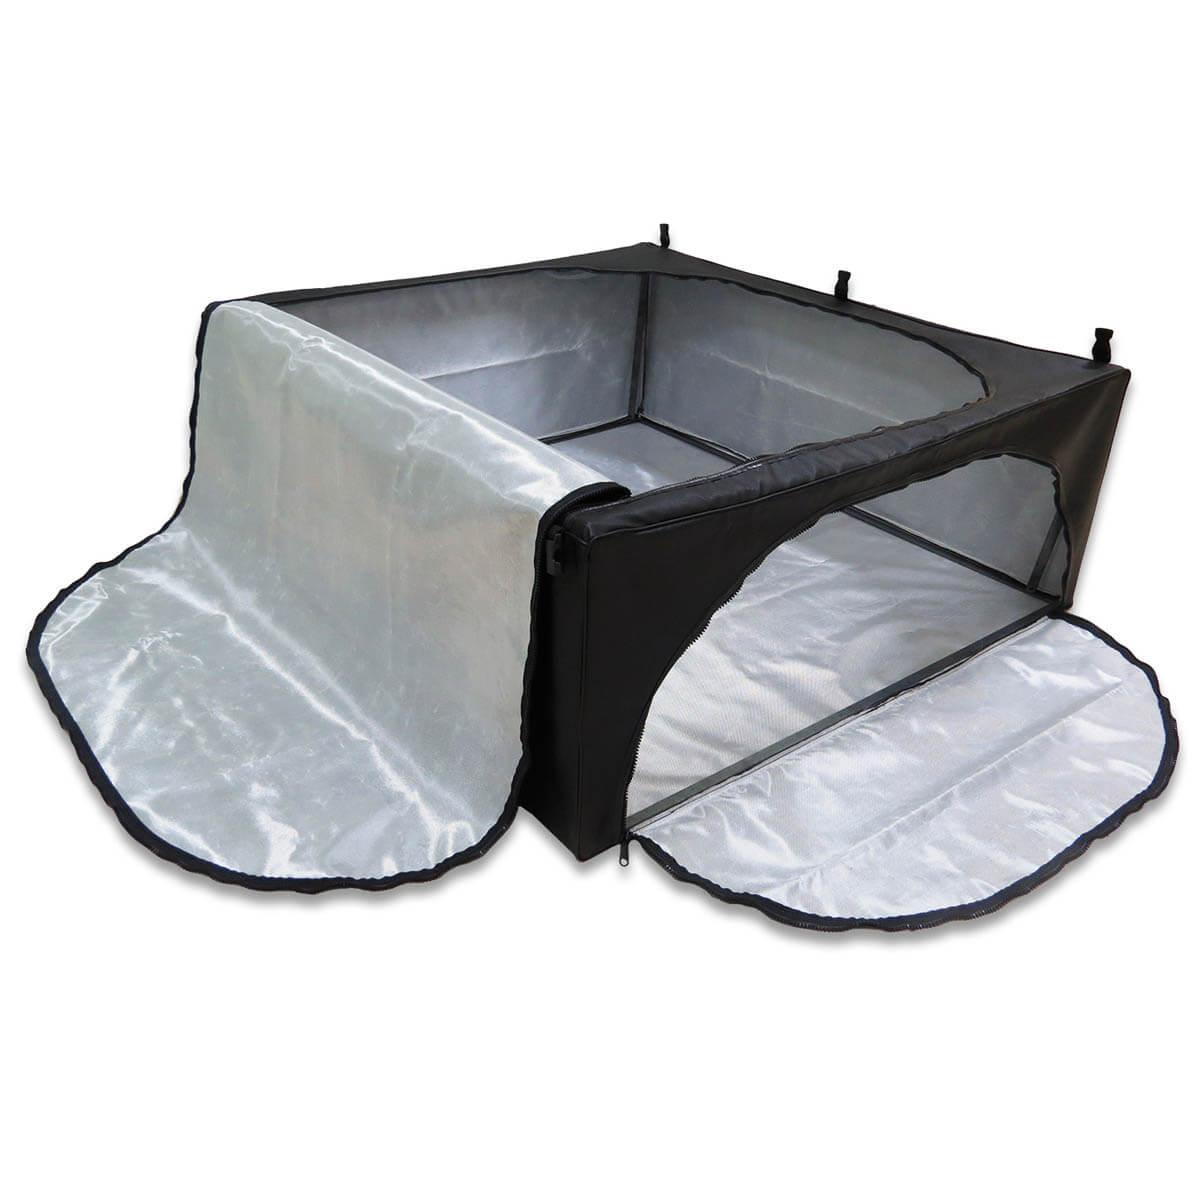 Bolsa caçamba estendida horizontal Amarok cabine dupla 2011 a 2021